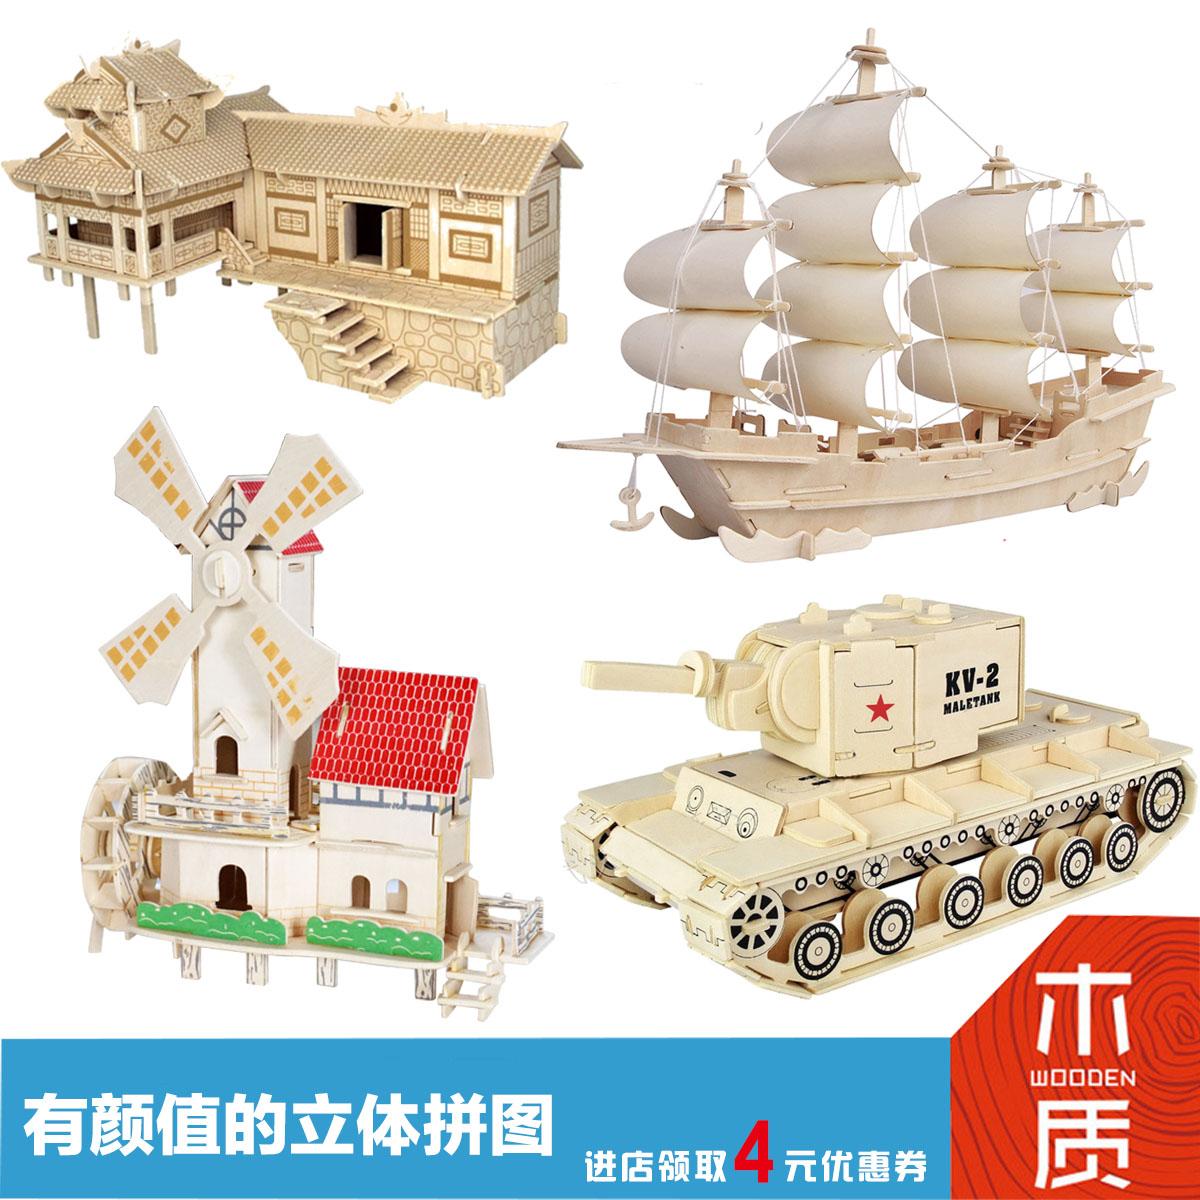 【有颜值的拼图】立体拼图3D拼图木质拼图成人拼图拼装积木玩具